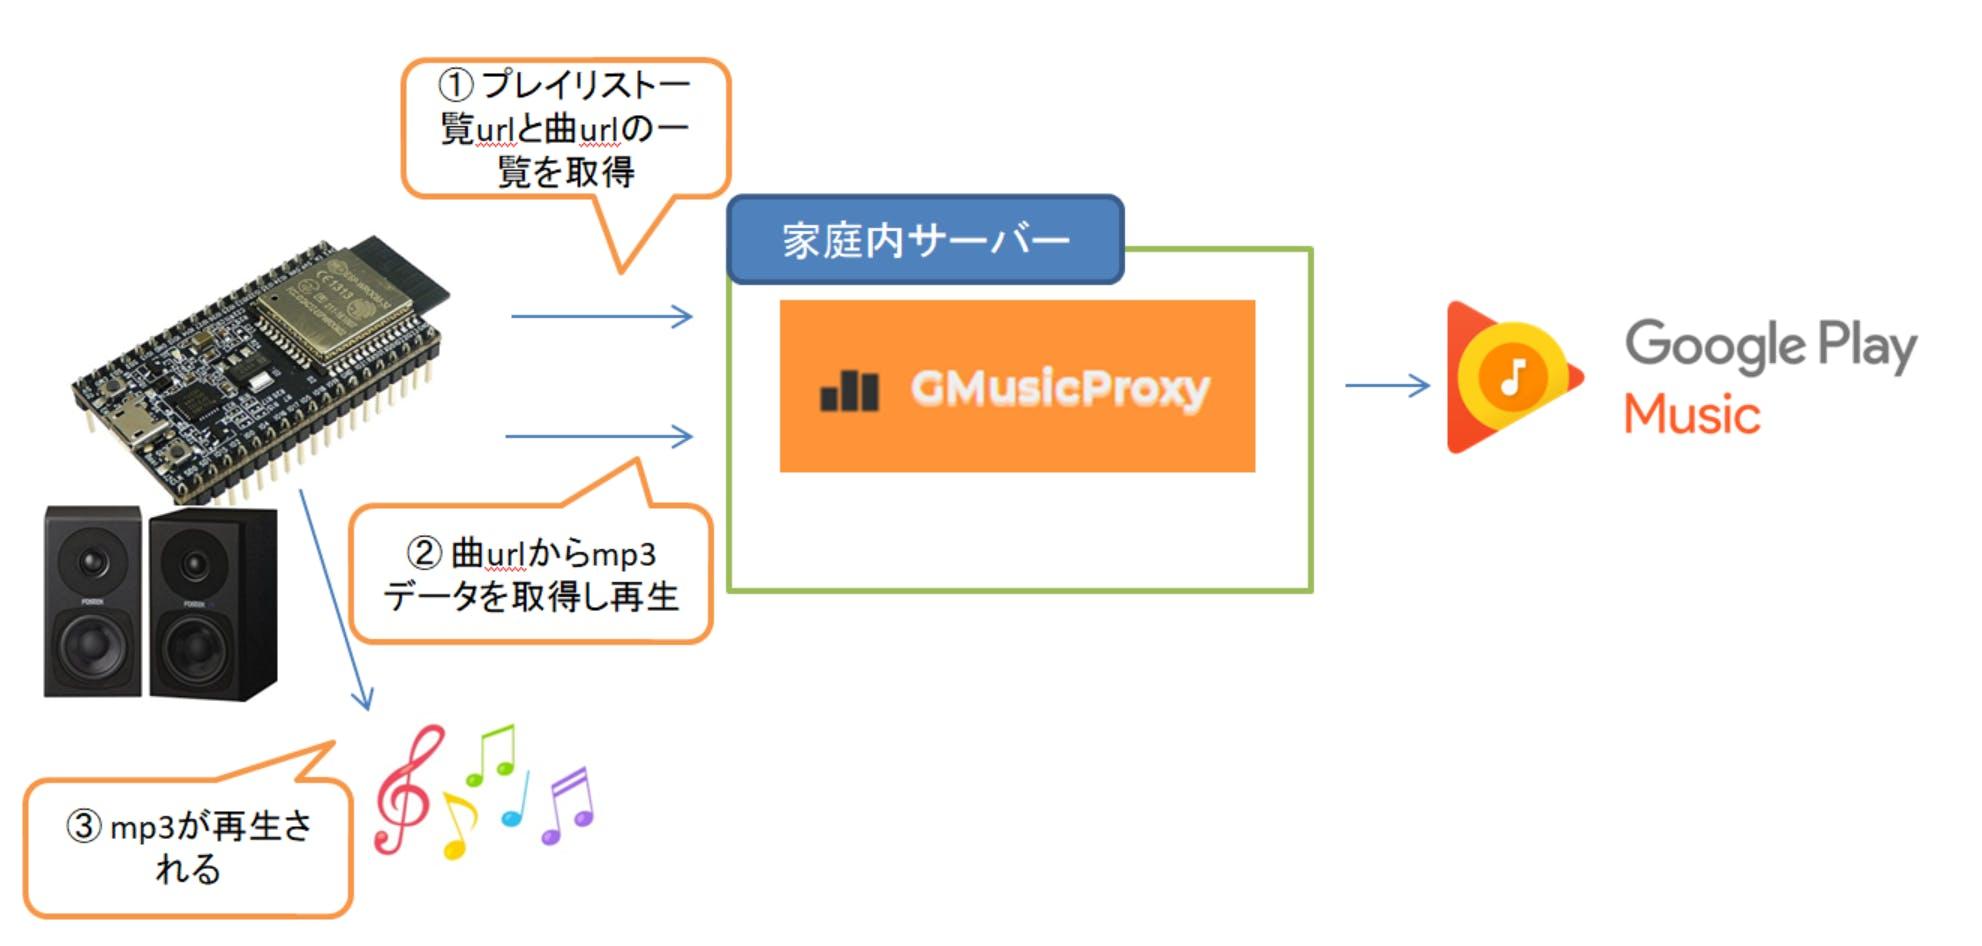 ESP32でGoogle Play Musicを再生する - Qiita